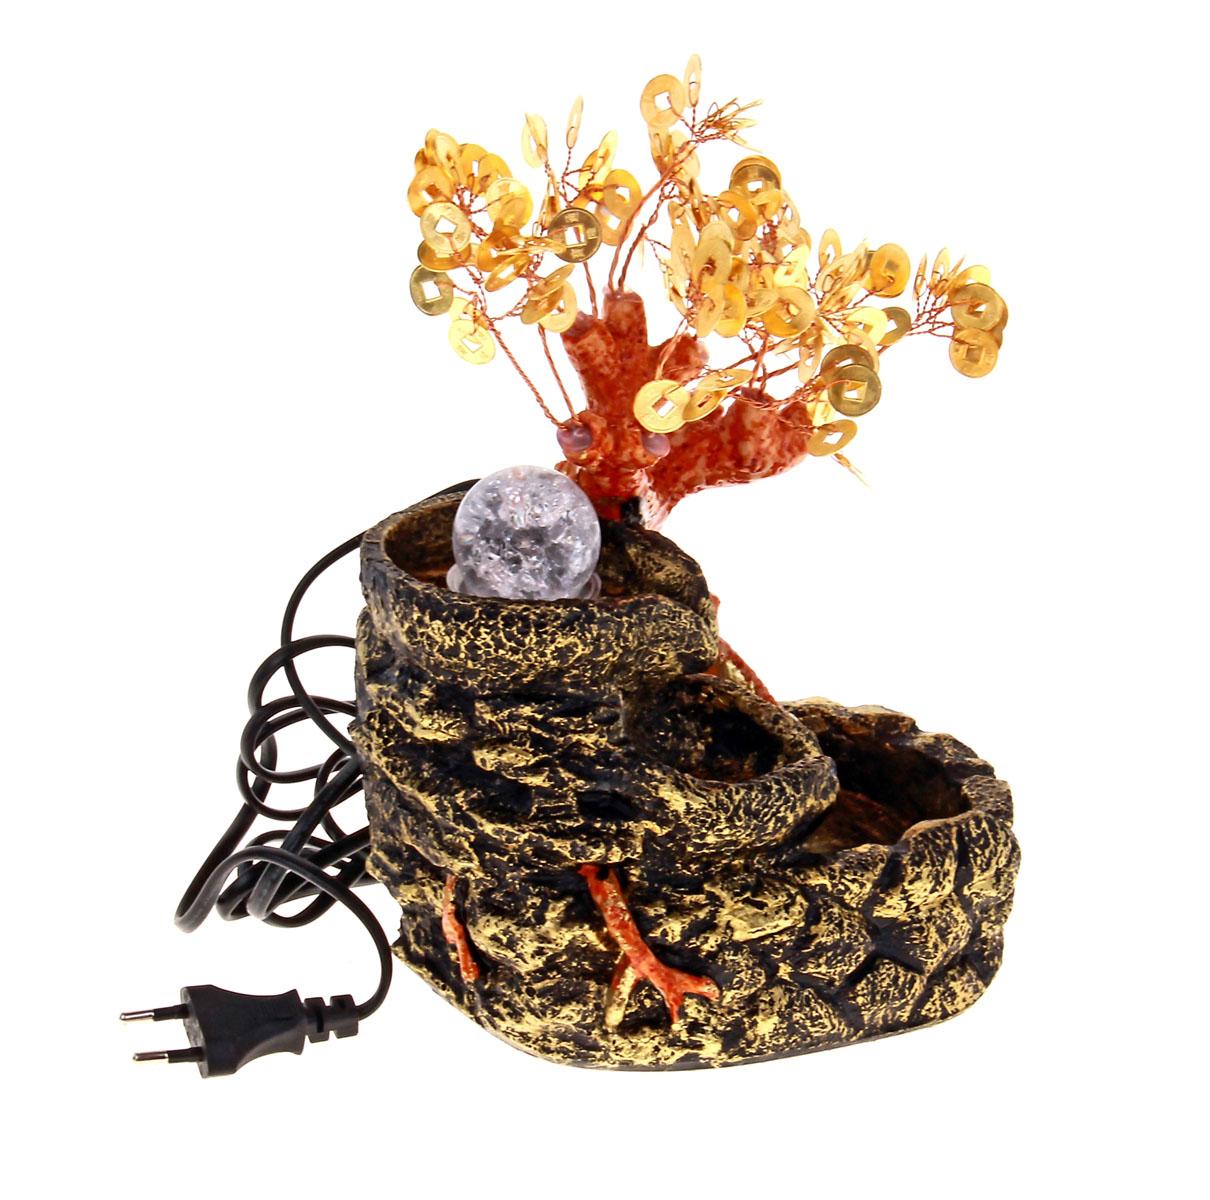 Фонтан Sima-land Монетное дерево140538Фонтан Sima-land Монетное дерево, изготовленный из полистоуна, украсит интерьер любого помещения. Изделие выполнено в виде источника рядом с деревом бонсай с листьями в виде монет. В центр источника помещается стеклянный шар, который подсвечивается светодиодами и левитирует над водой при включении фонтана. По древнекитайскому учению Фен-Шуй фонтаны являются символами жизненной энергии, изобилия. В комнате их нужно размещать в зоне карьеры и удачи. Тогда фонтаны привлекут в ваш дом богатство, материальный достаток. Даже если вы не являетесь поклонником Фен-Шуй, фонтаны наполнят помещение тихим, мелодичным журчанием воды, что благотворно скажется на вашей нервной системе и позволит снять стресс. Каждому хозяину периодически приходит мысль обновить свою квартиру, сделать ремонт, перестановку или кардинально поменять внешний вид каждой комнаты. Фонтан - привлекательная деталь в обстановке, которая поможет воплотить вашу интерьерную идею,...